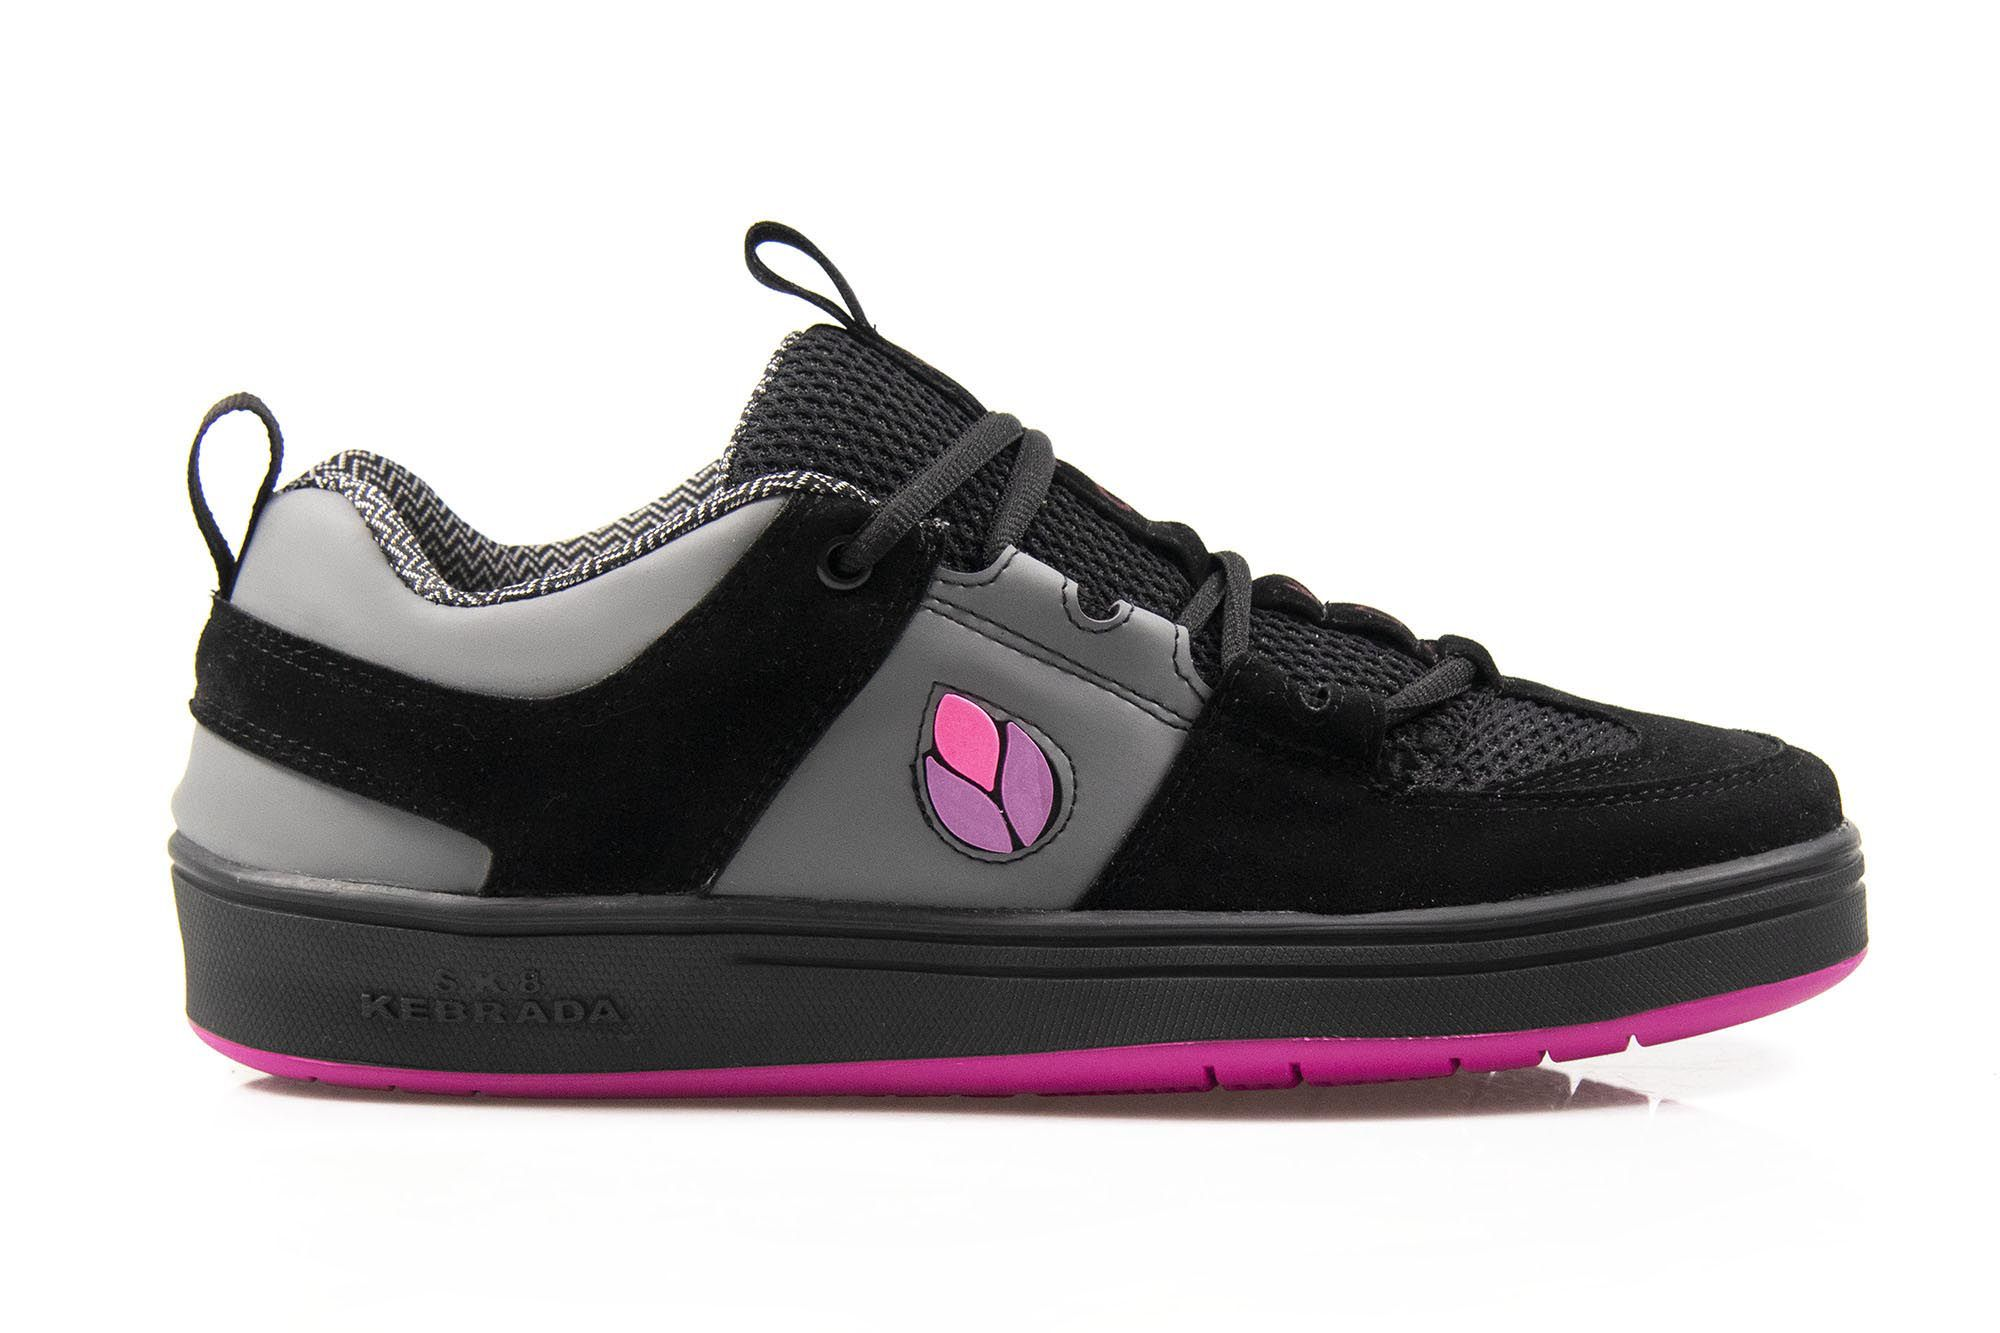 Tênis Vegano Shoes SK8 Kebrada - Preto/Cinza com Rosa